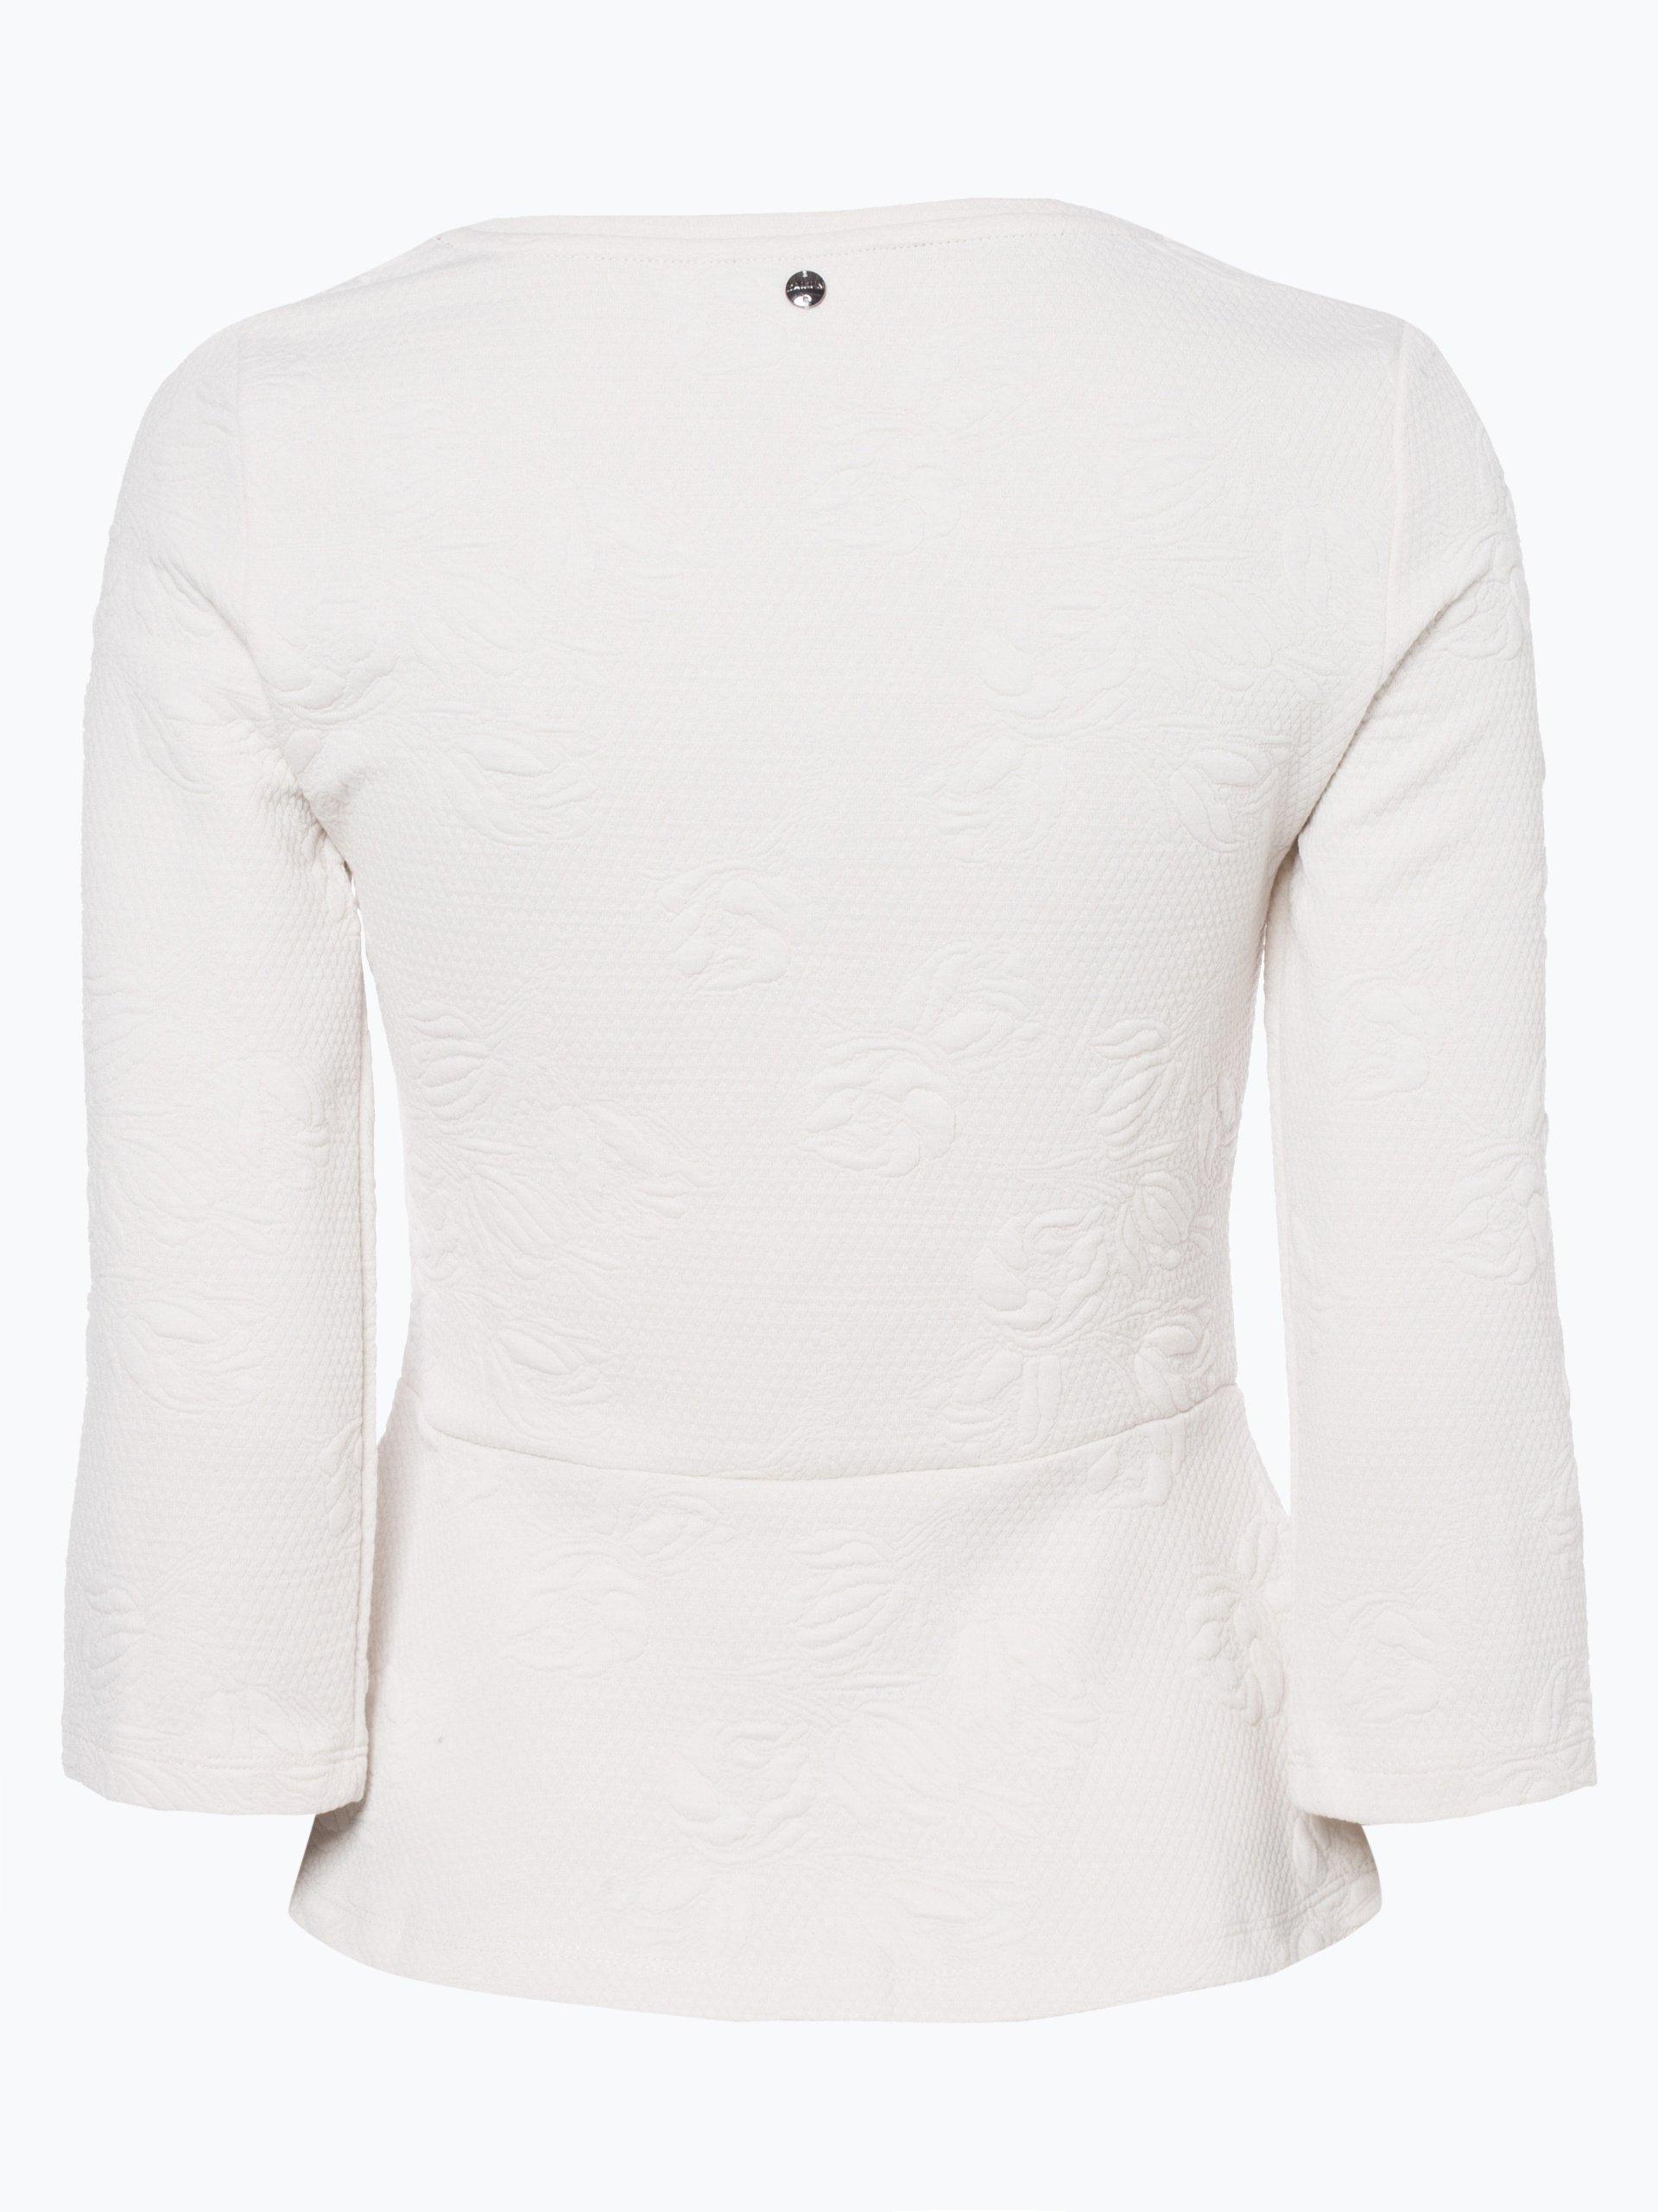 Taifun Damen Shirt